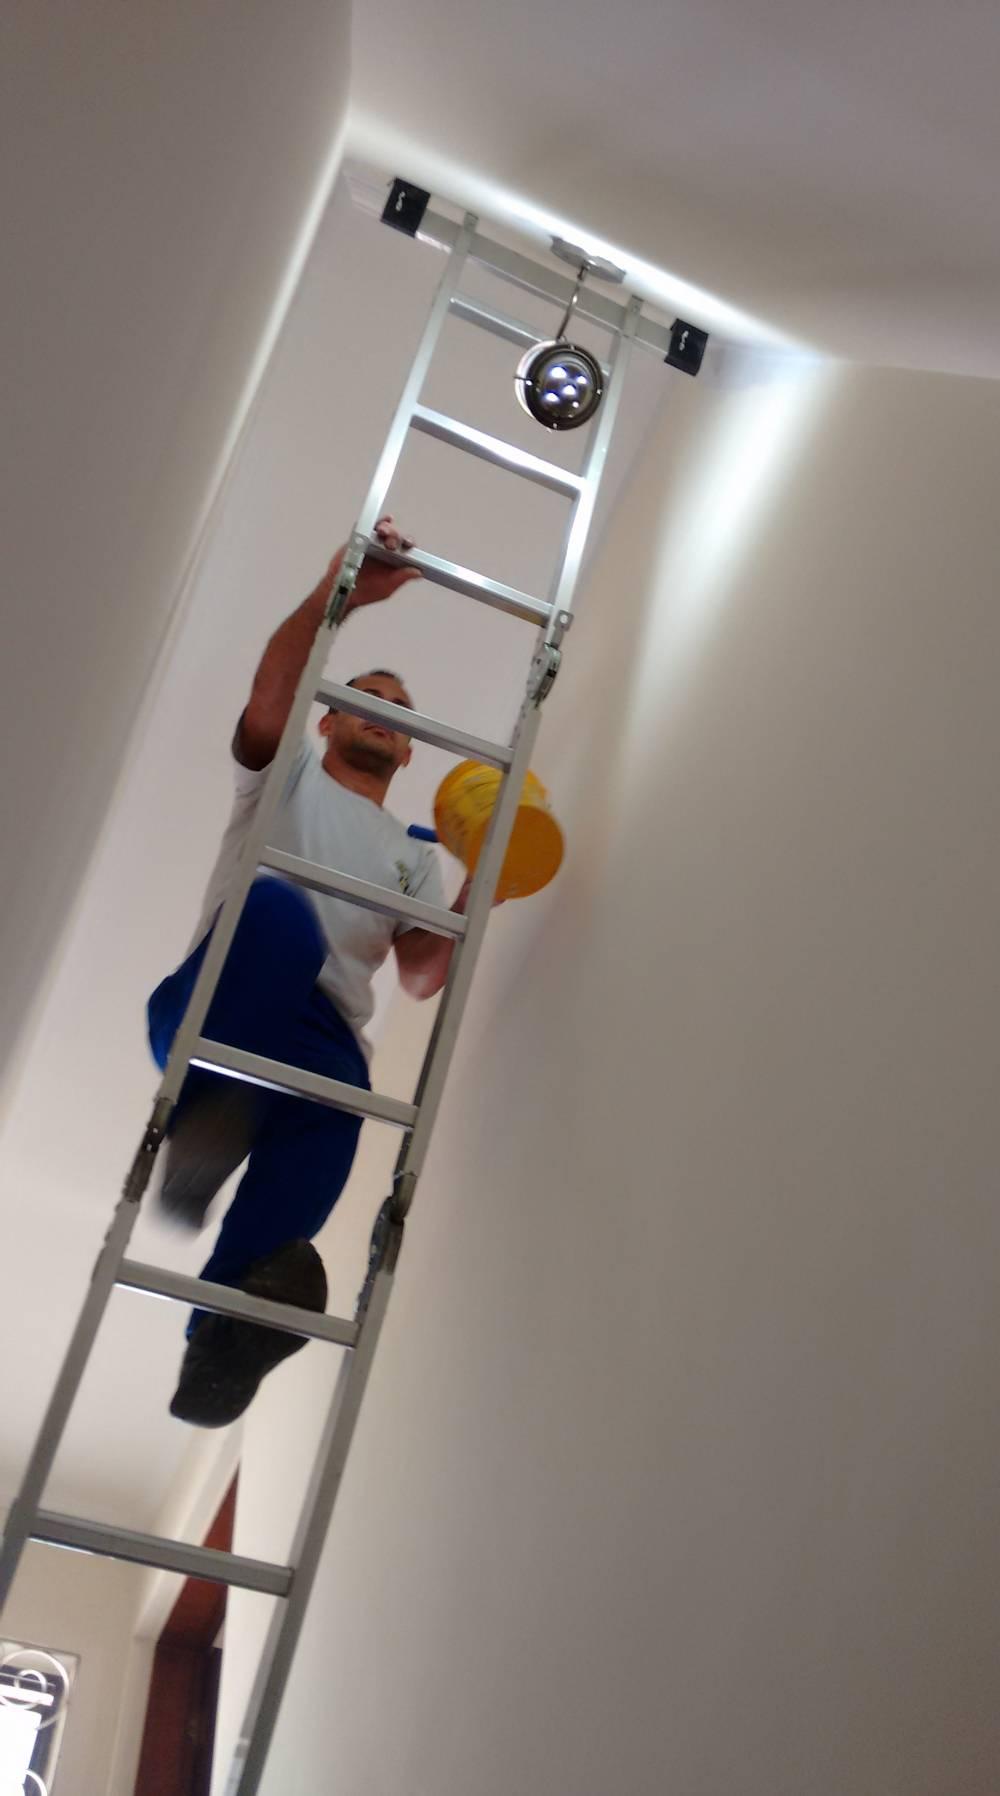 Contratar Serviço de Reparos em Residências no Alto Santo André - Empresa de Manutenção Residencial SP